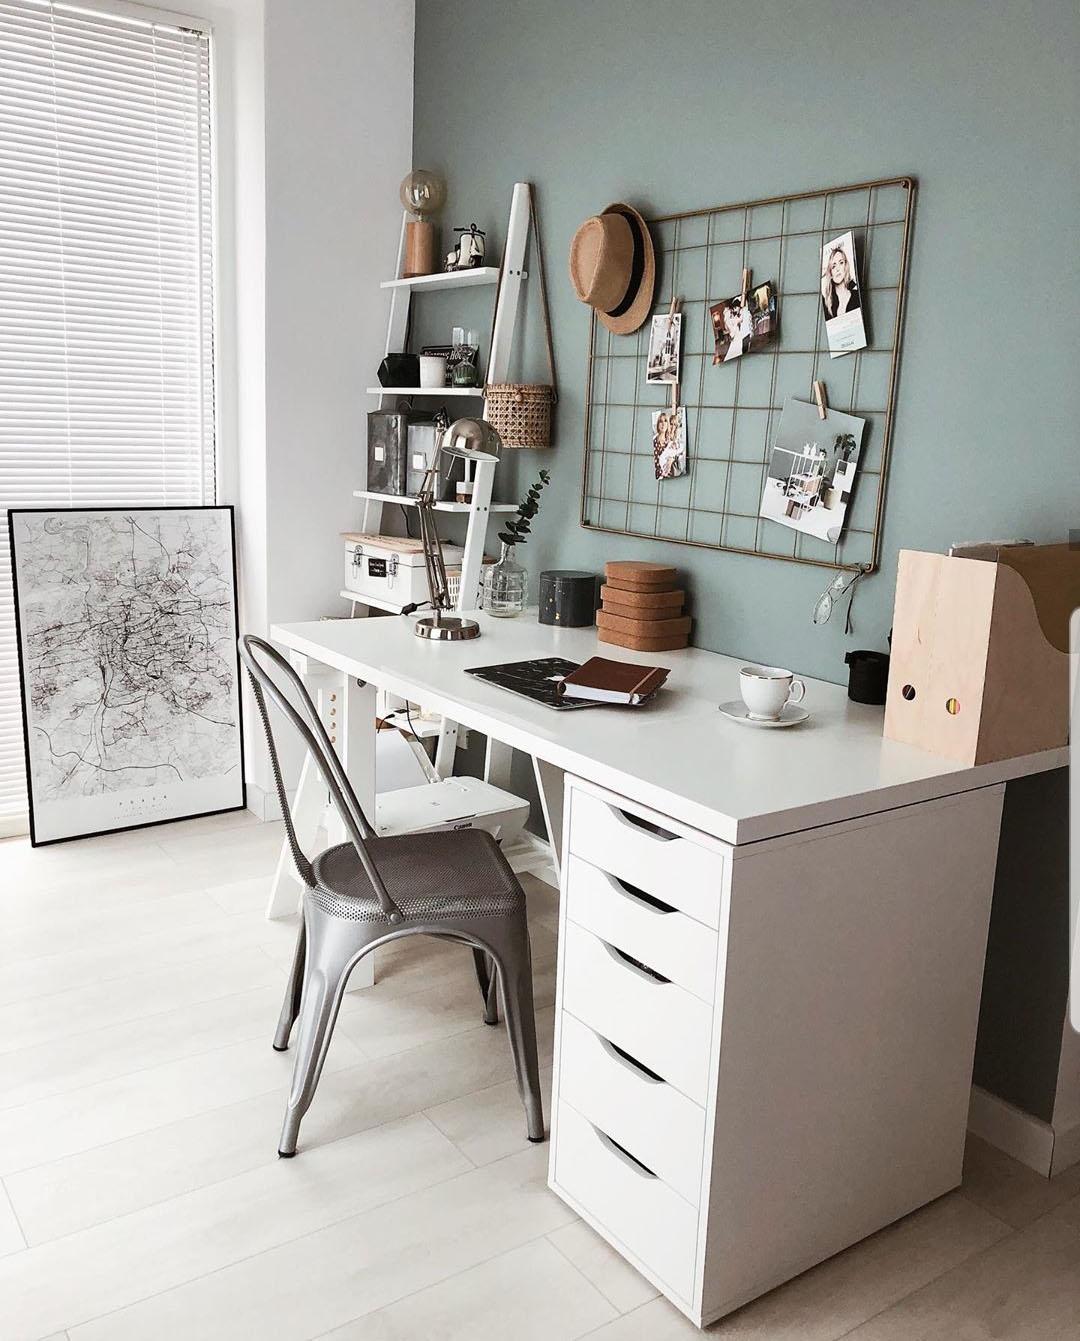 domowe biuro kącik pracy nasze domowe pielesze